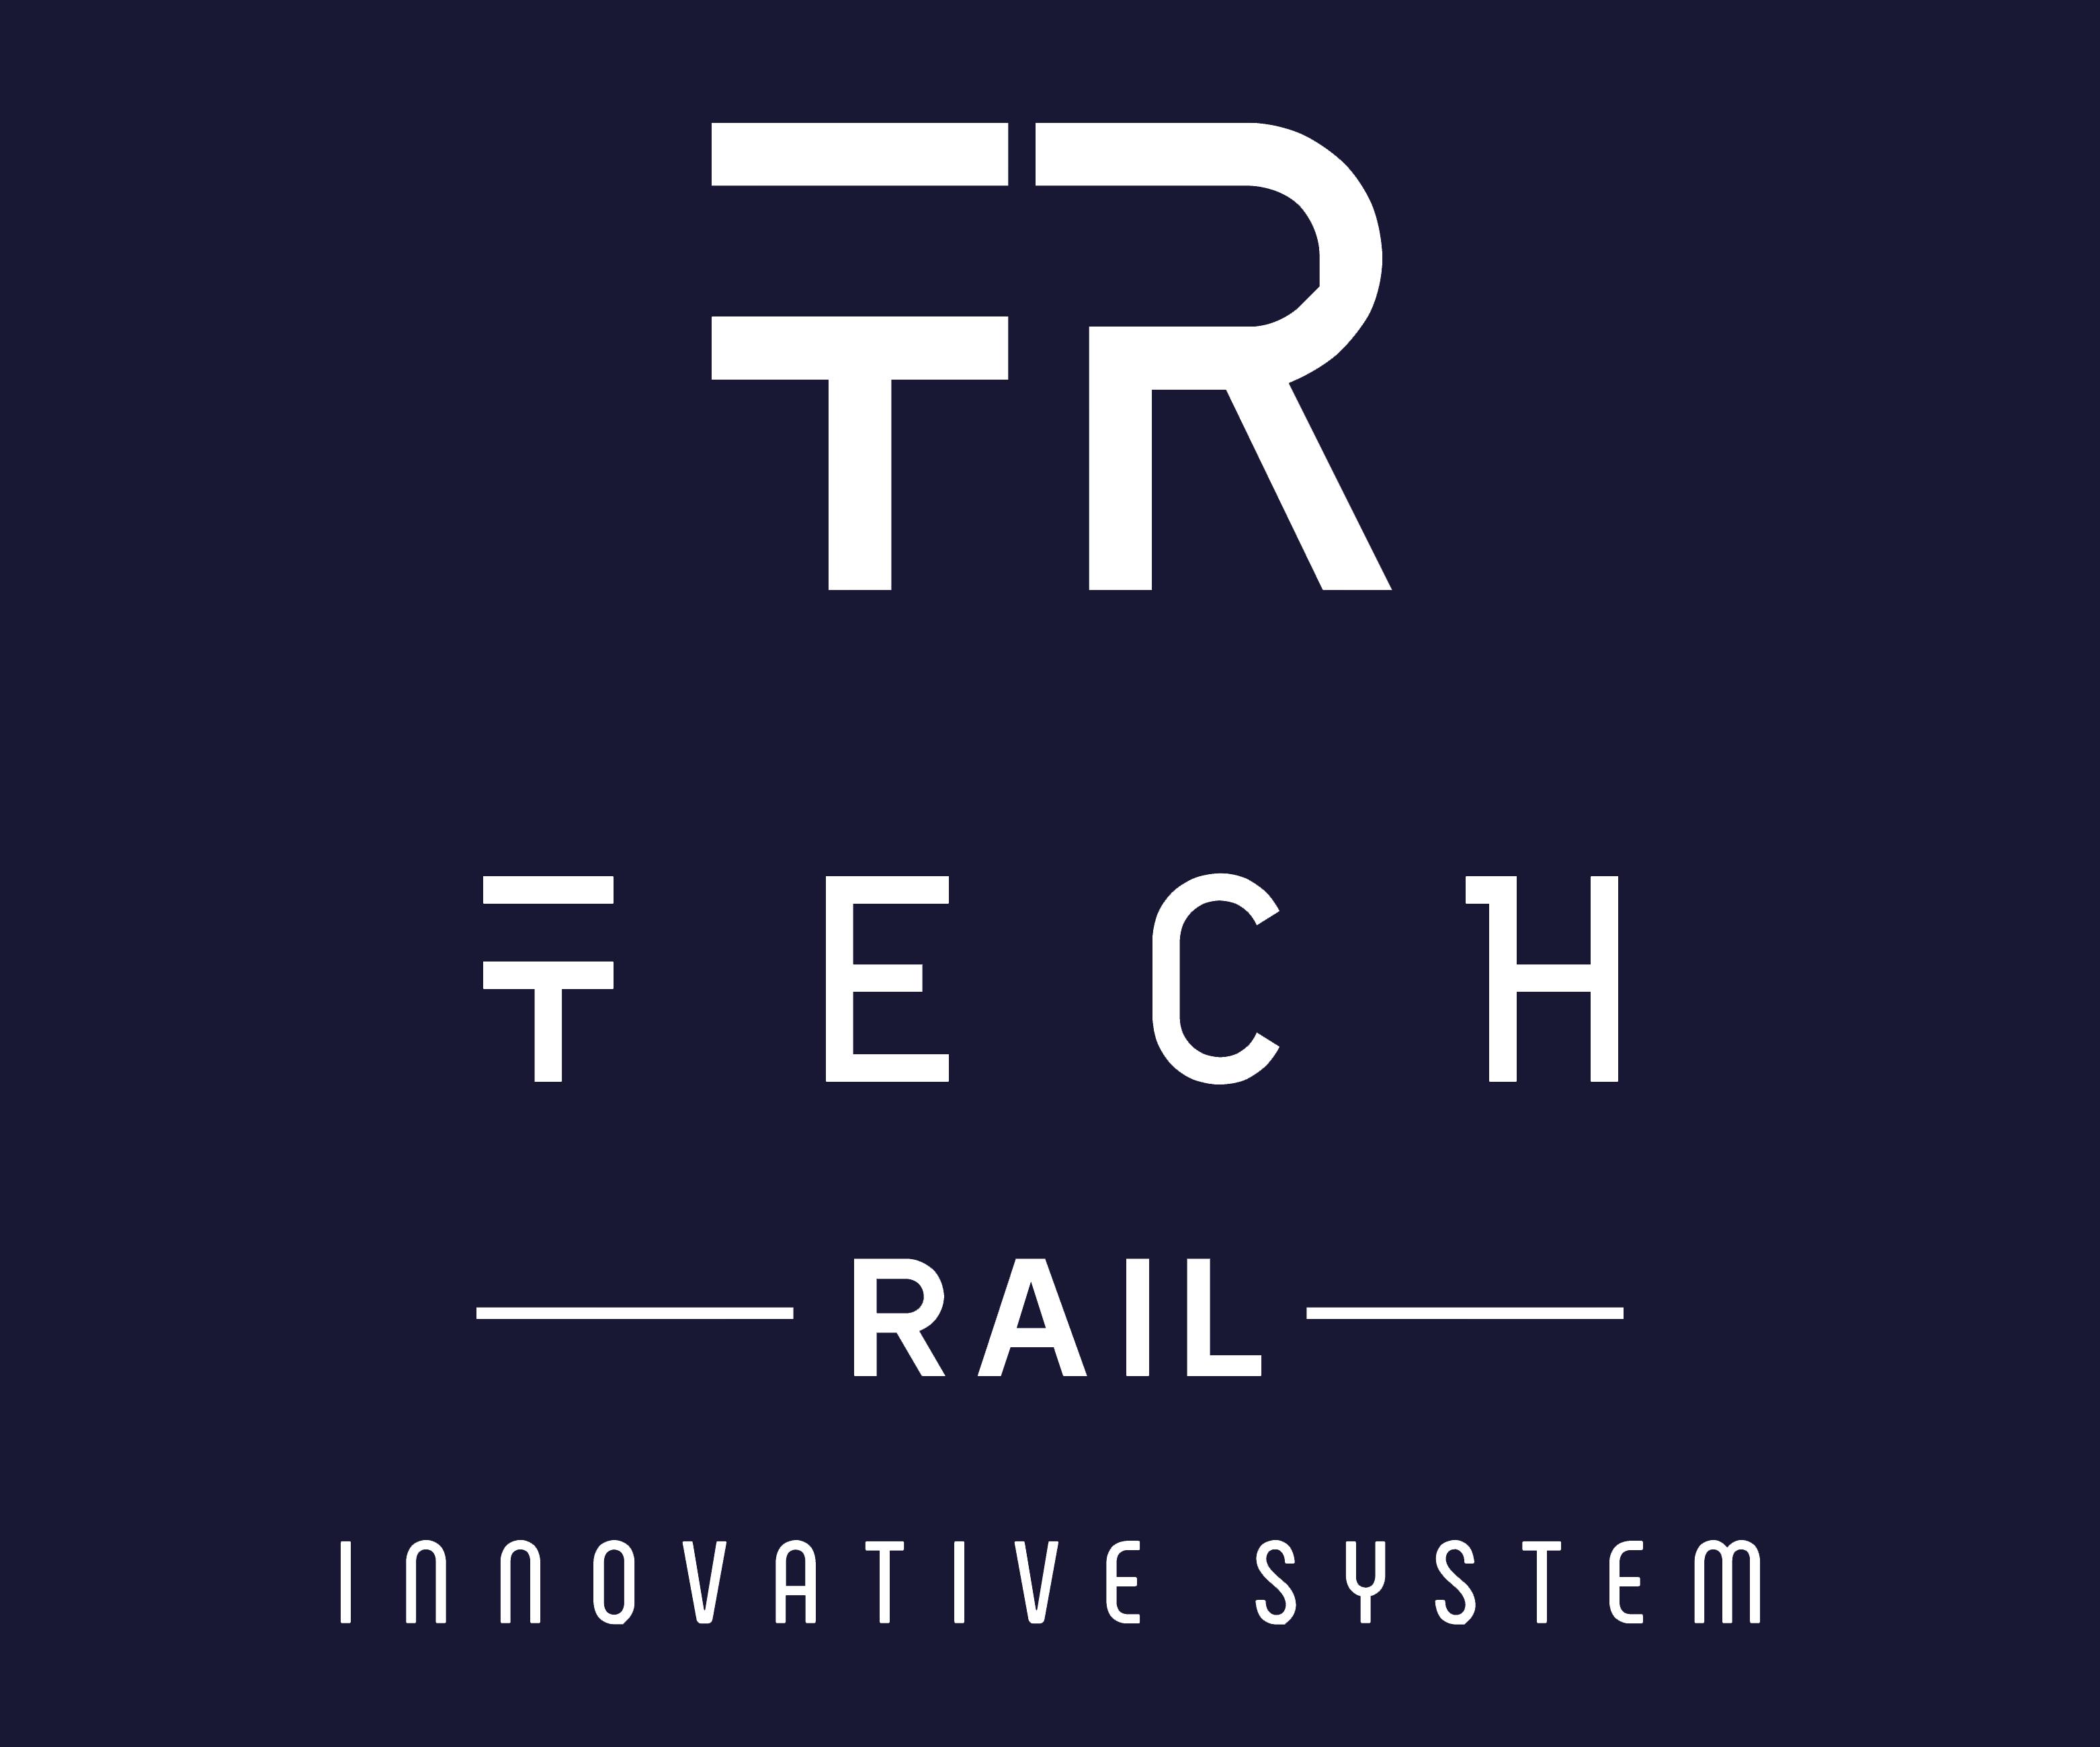 TechRail